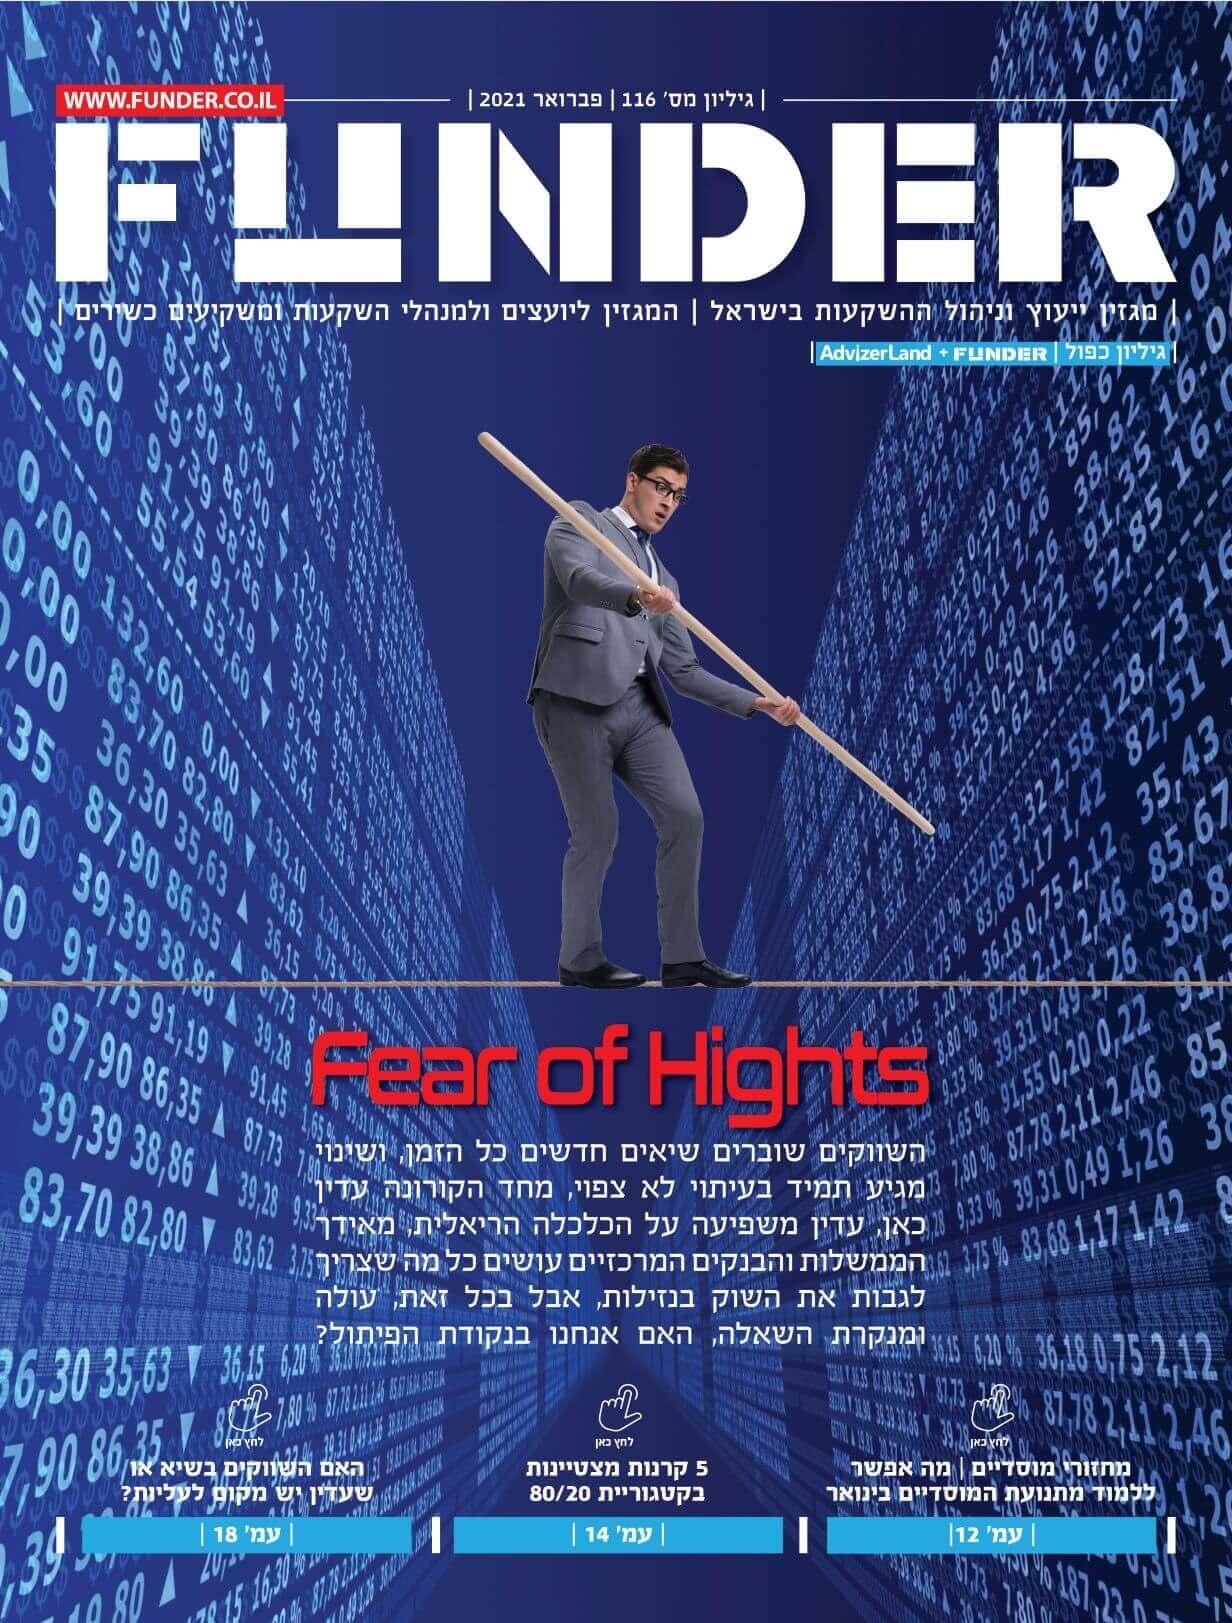 מגזין פאנדר פברואר 2021